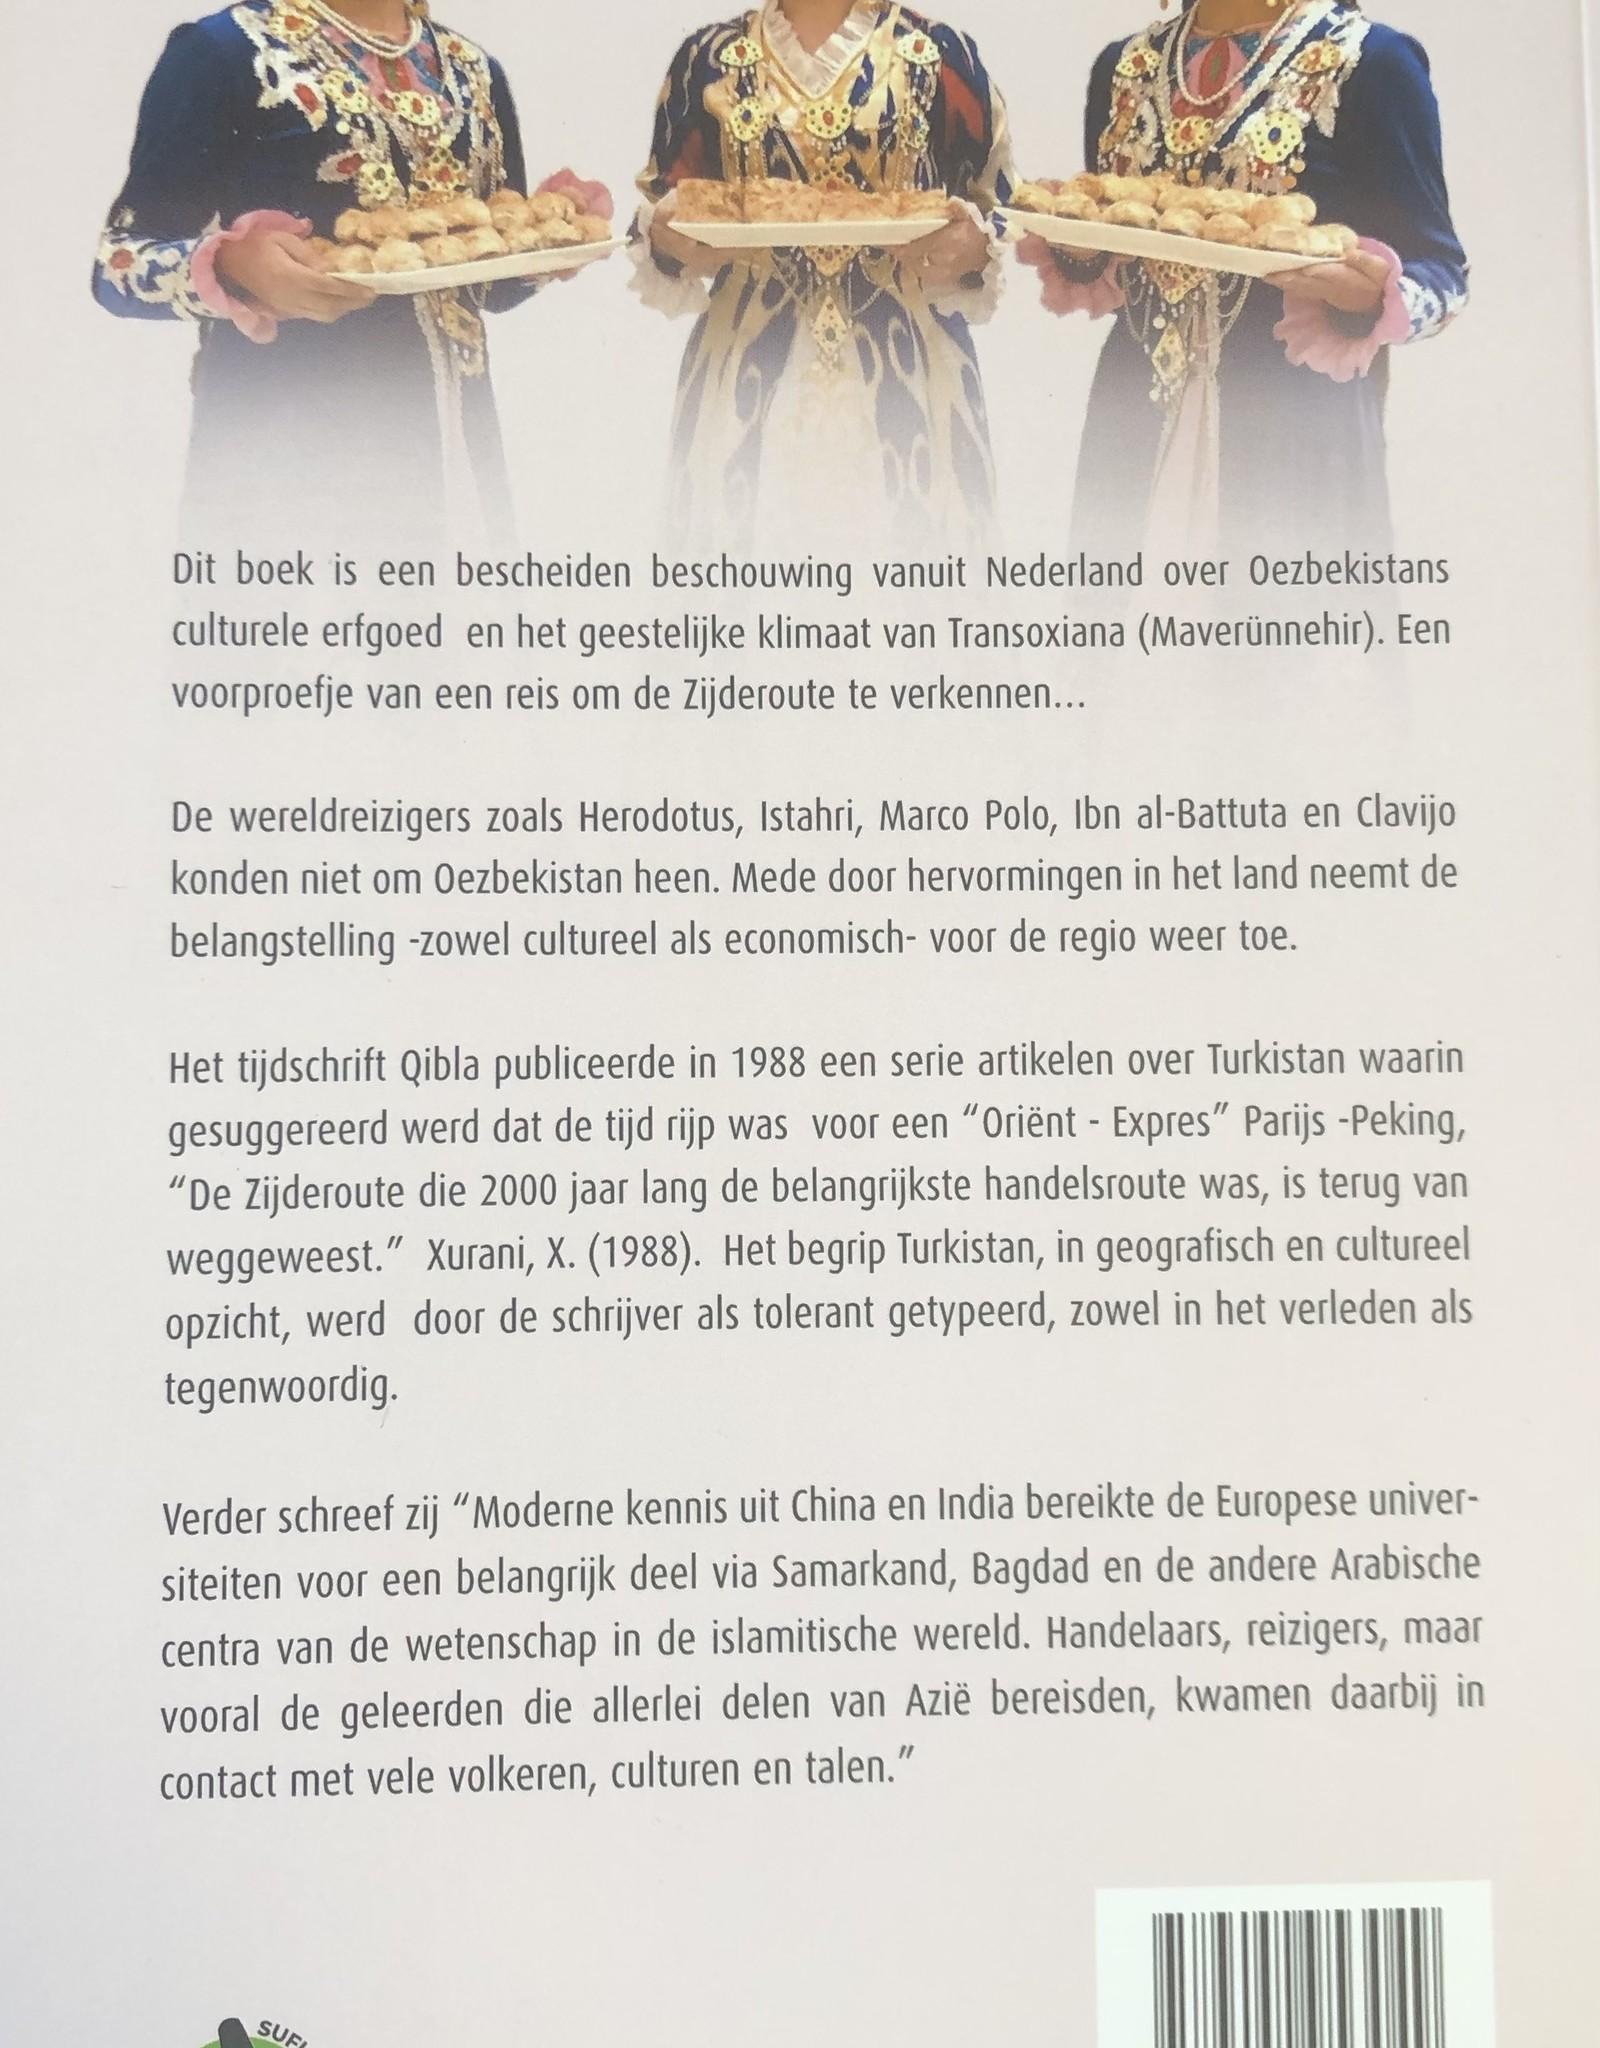 Oezbekistan Parel van de zijde route